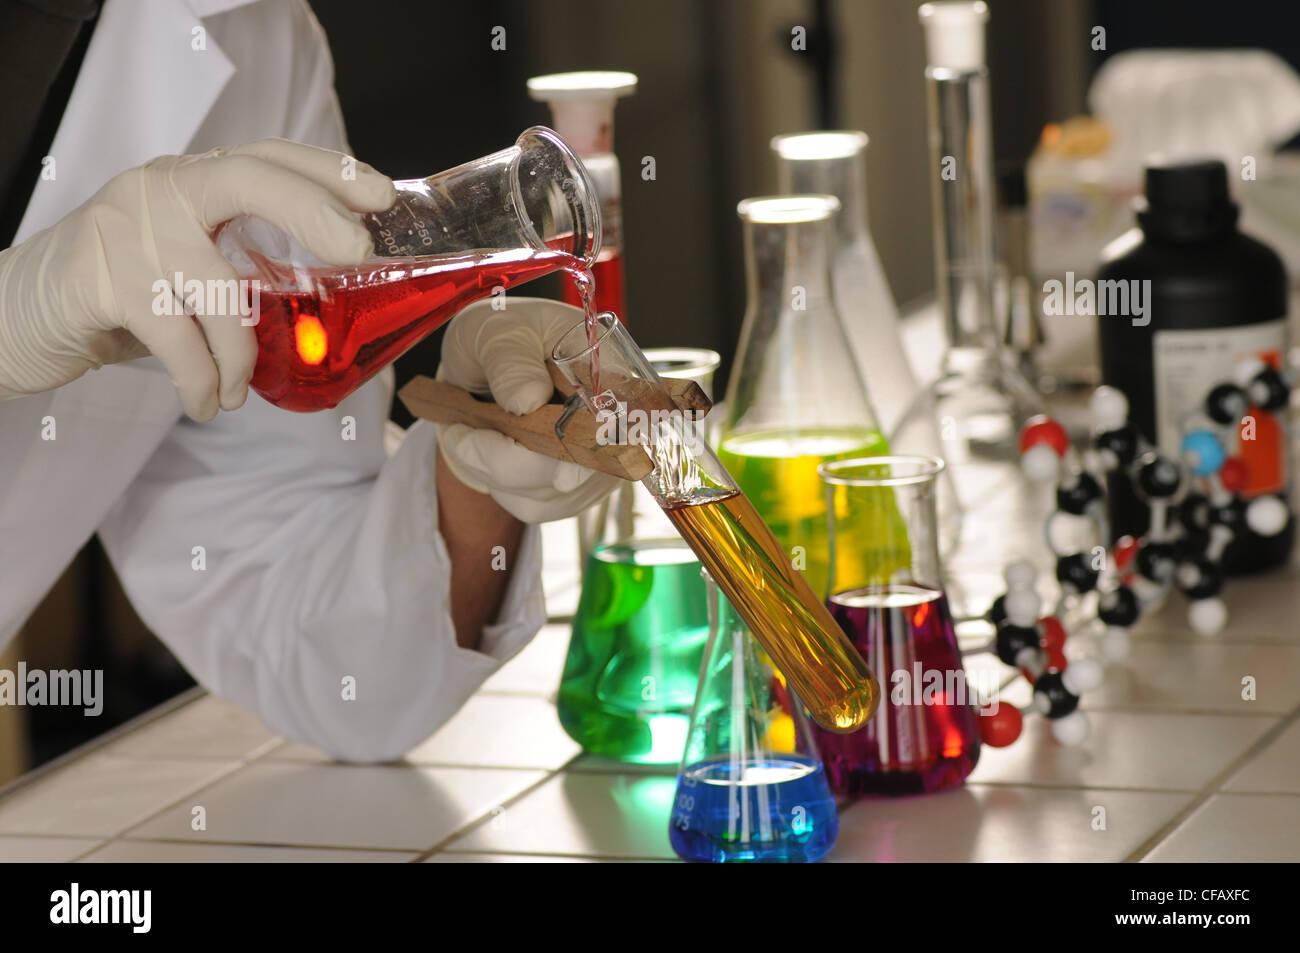 Mann, Forschung, Lehrer, Chemie, Labor, Formeln ...